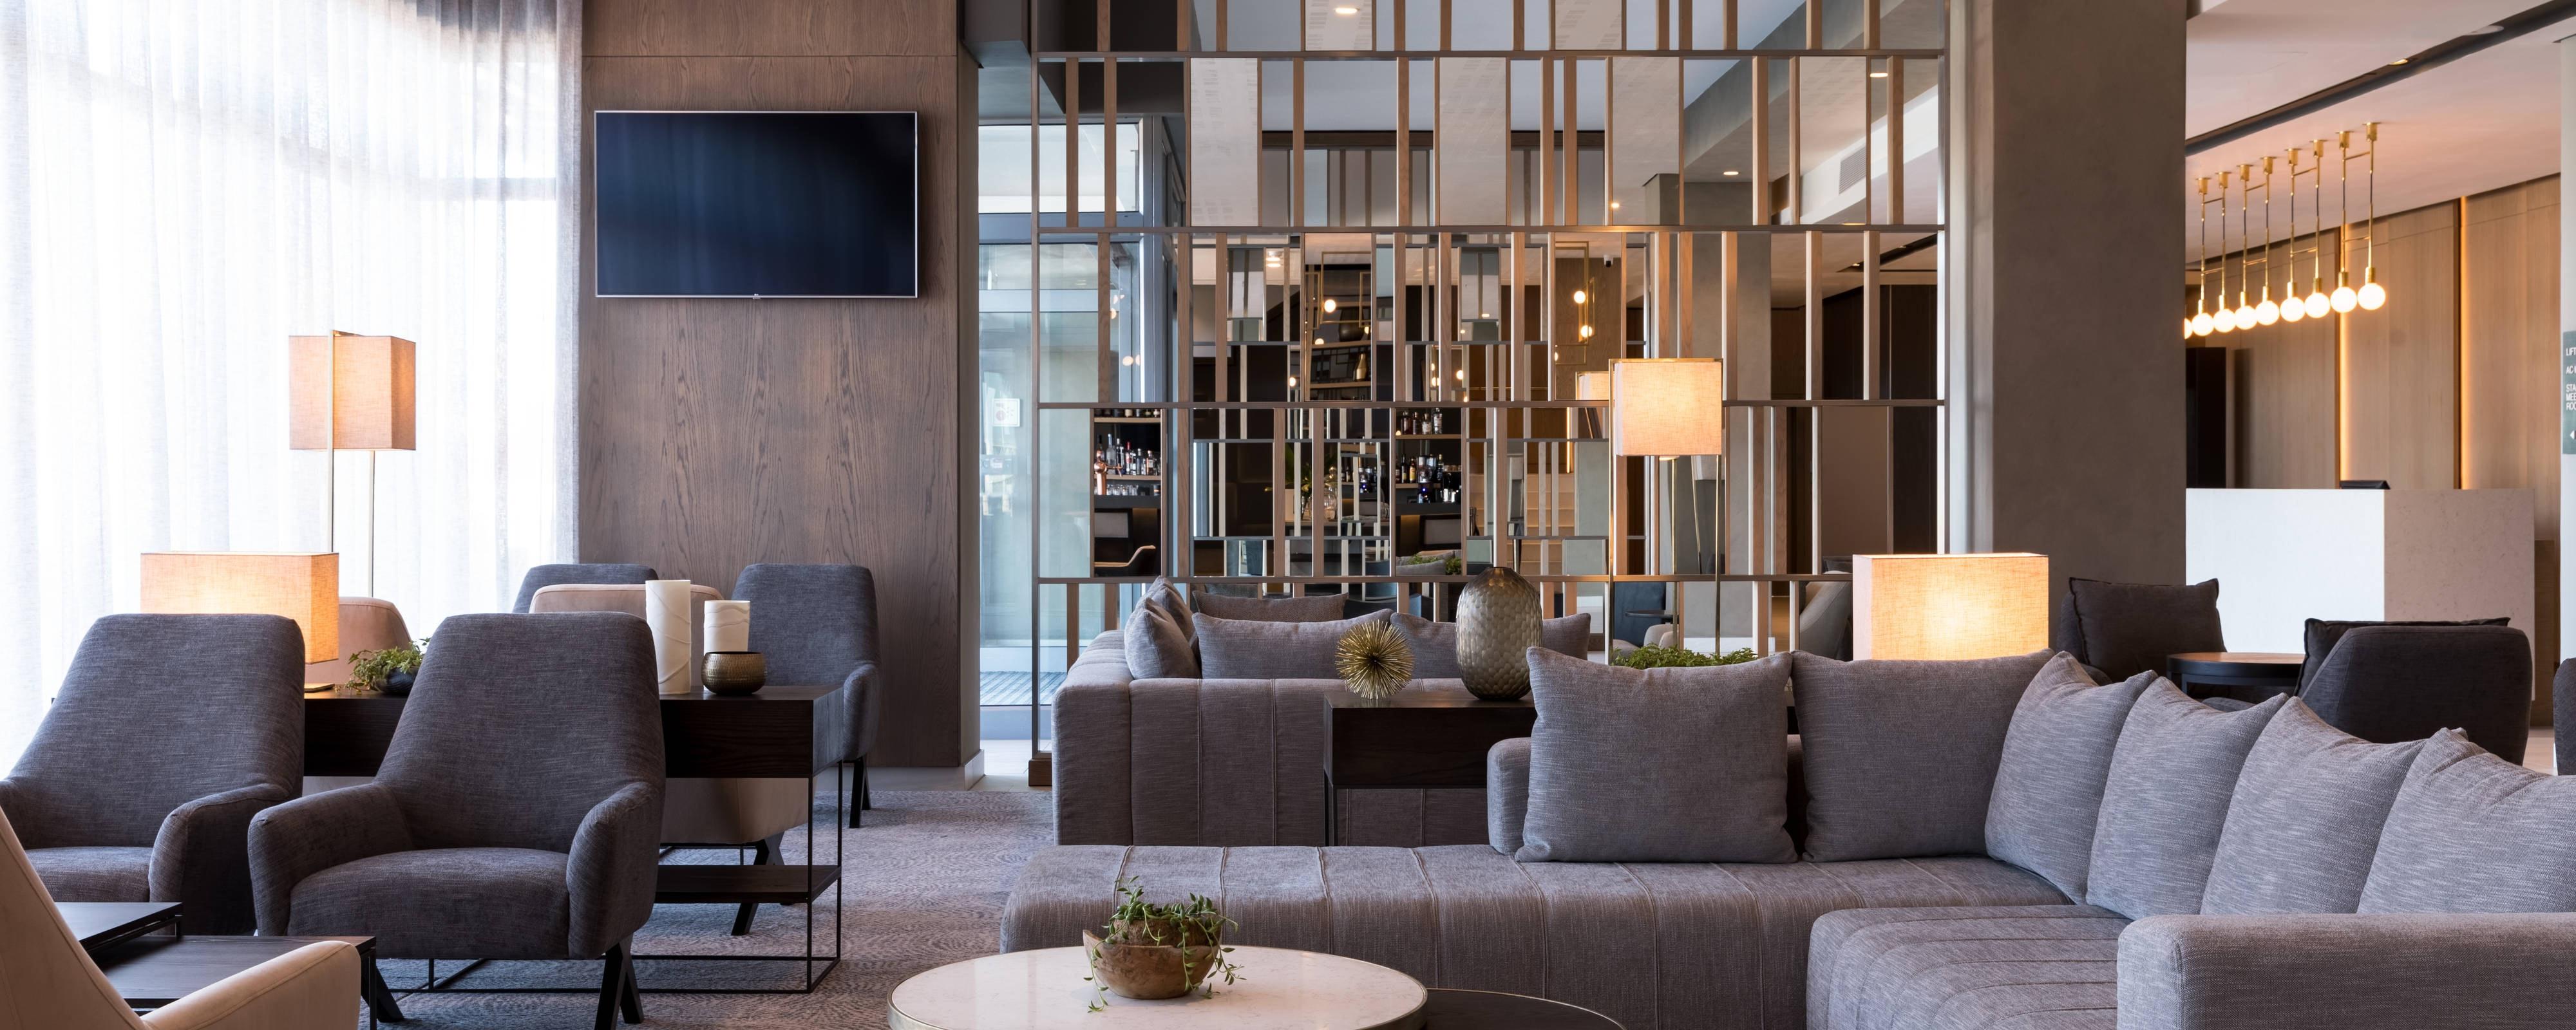 produit chaud nouveau concept Garantie de satisfaction à 100% Cape Town hotel restaurants   AC Hotel Cape Town Waterfront ...